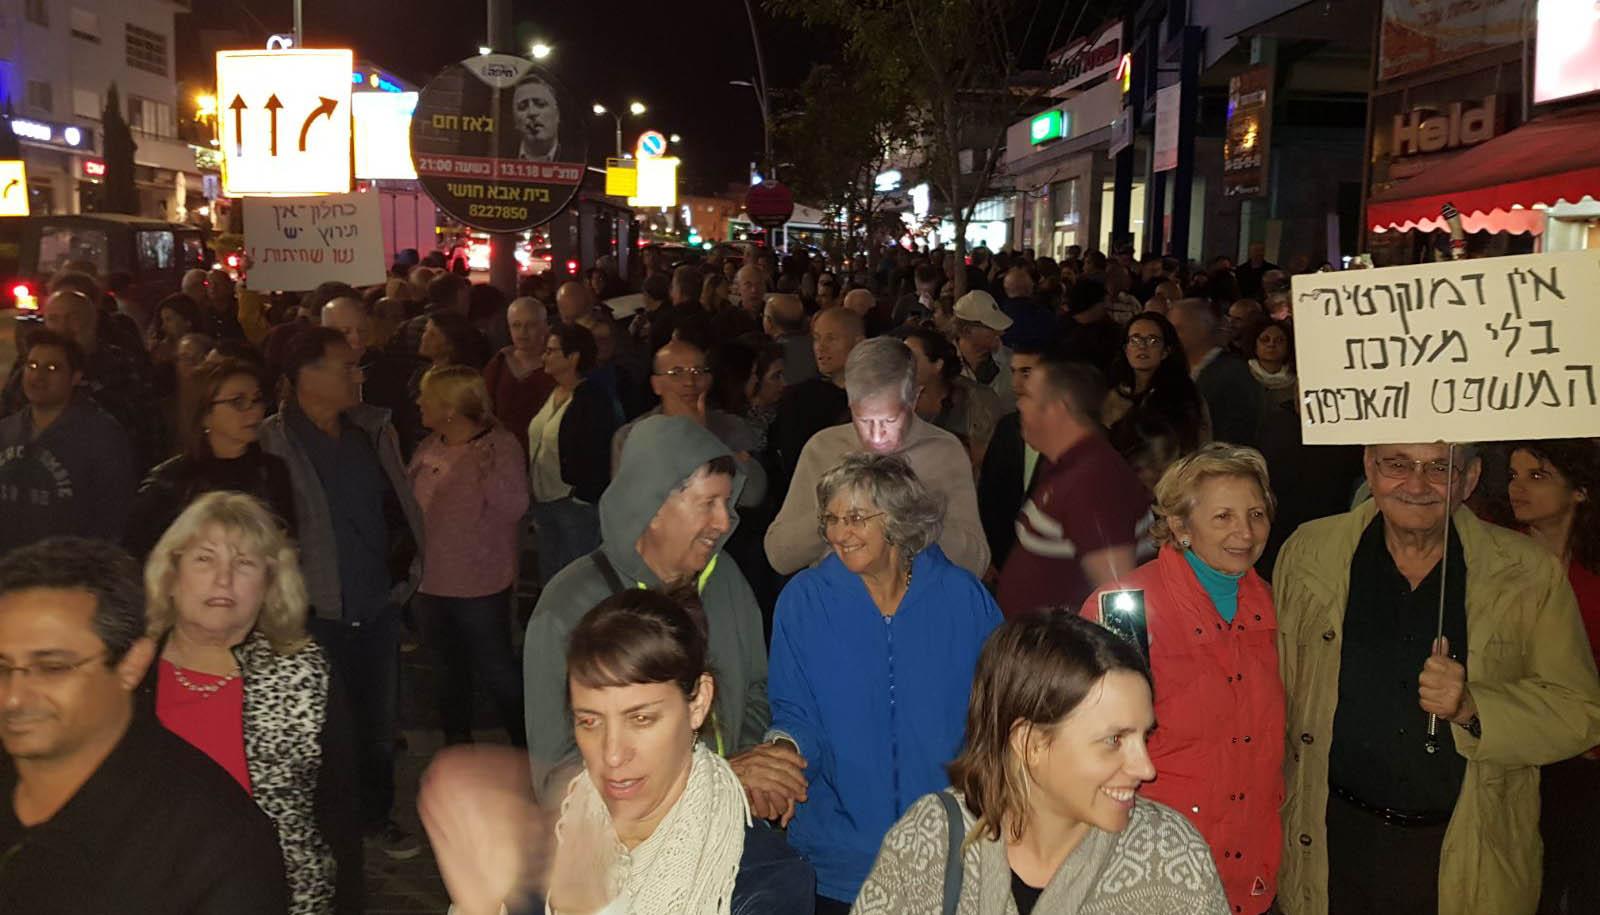 הפגנה במרכז הכרמל נגד השחיתות השלטונית (צילום: איה ידידיה)